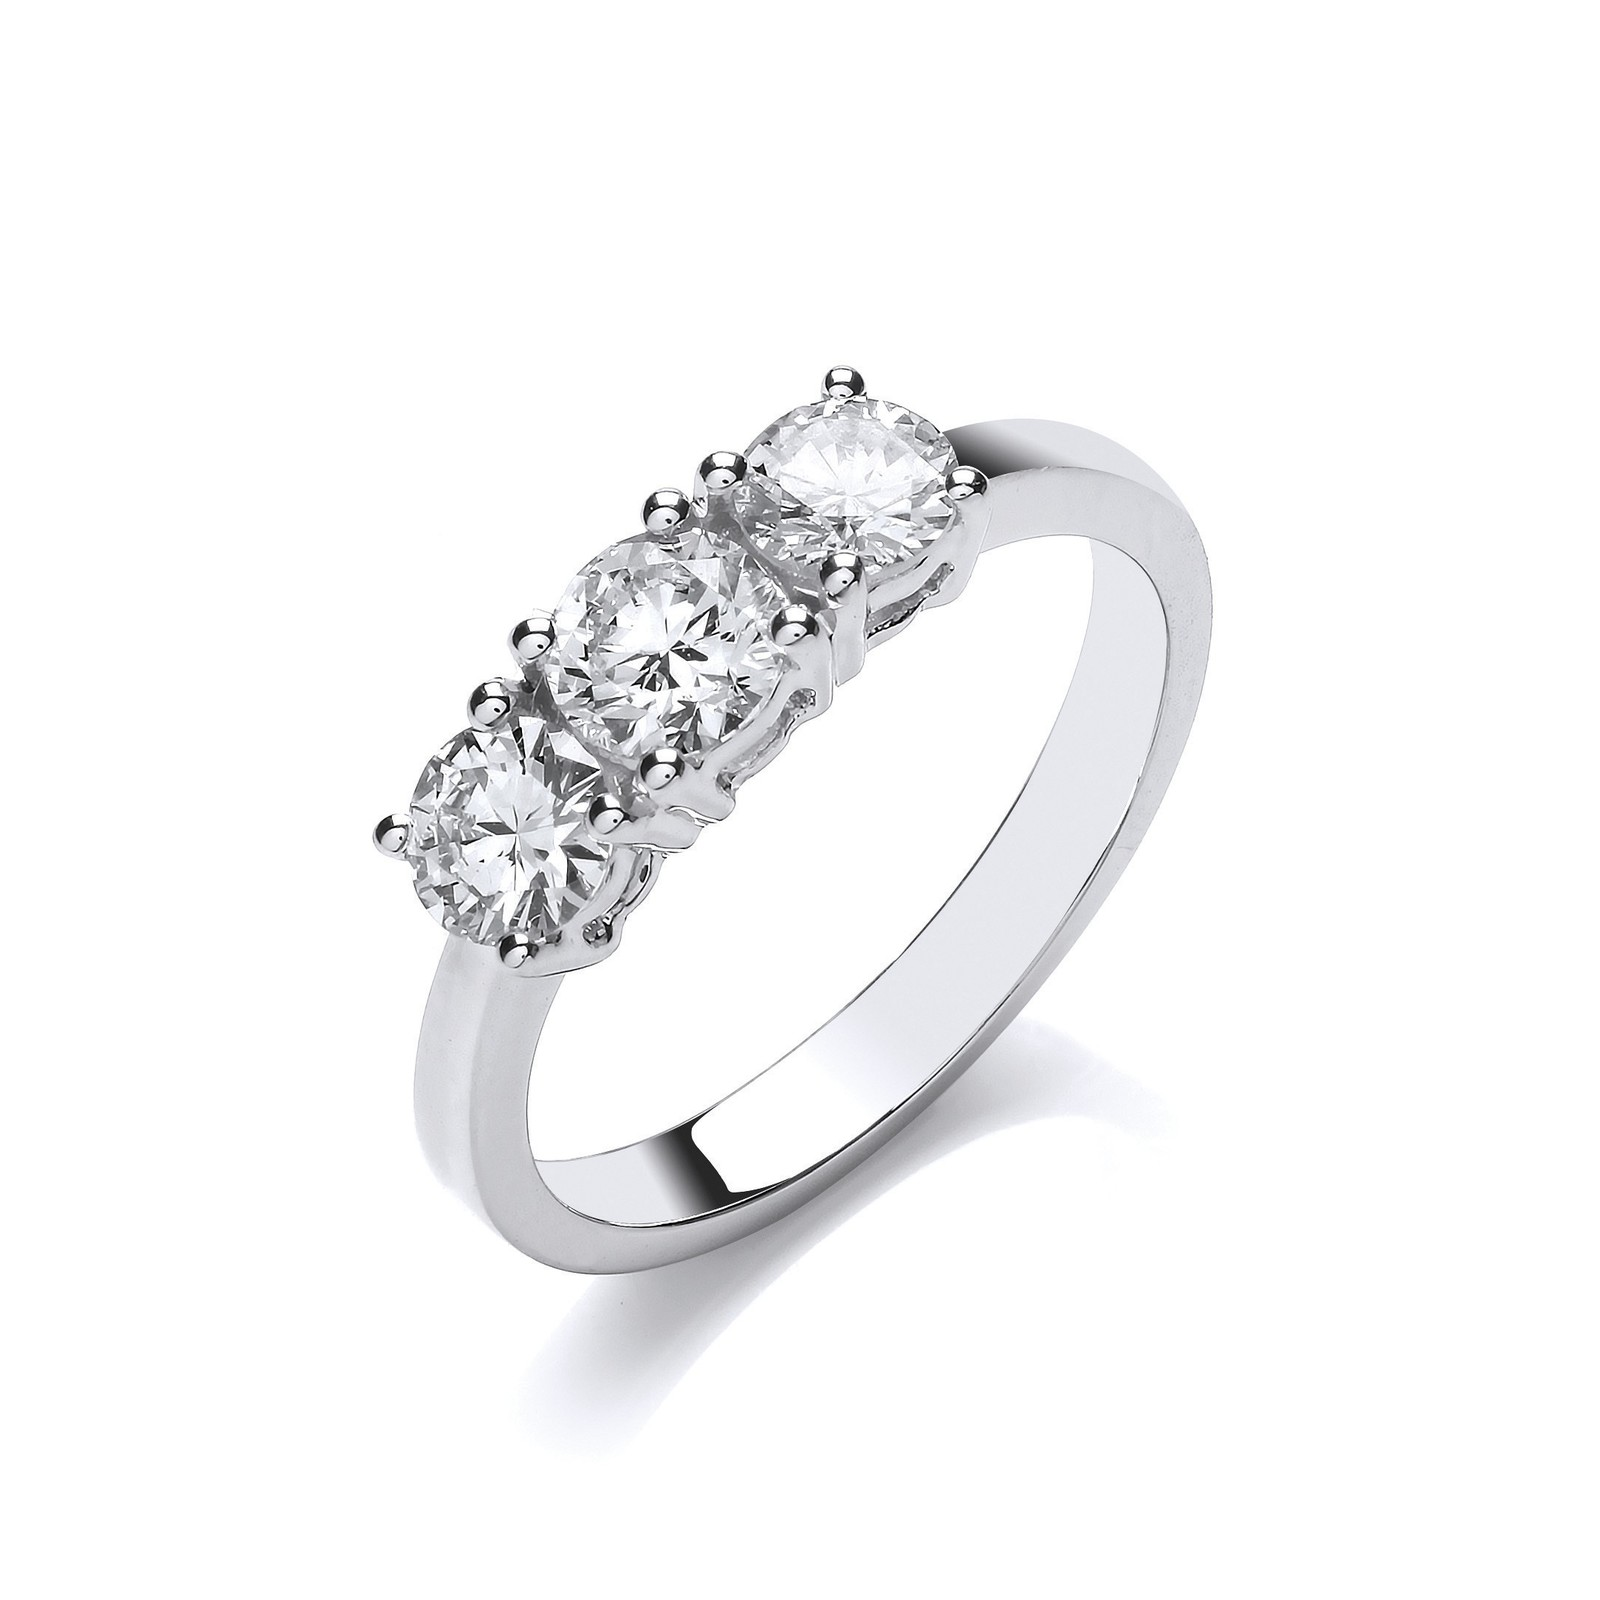 18ct White Gold 1.00ct Diamond Trilogy Ring